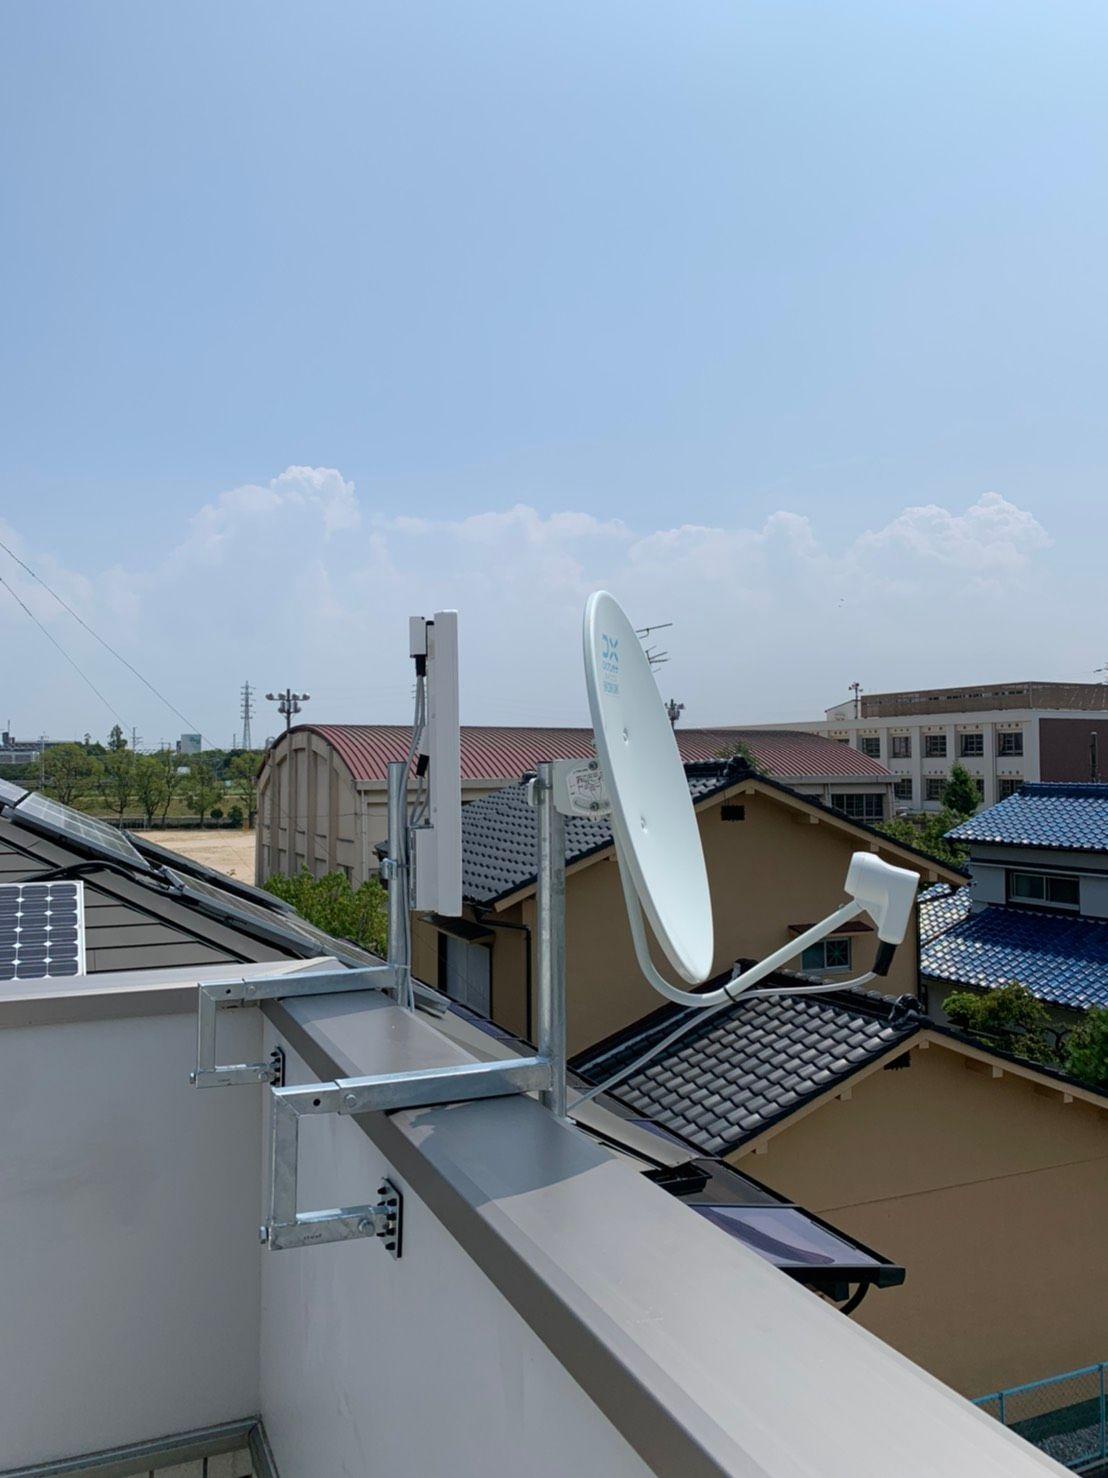 デザインアンテナ、4K8KBSアンテナ壁面設置 DXアンテナ(尼崎市)